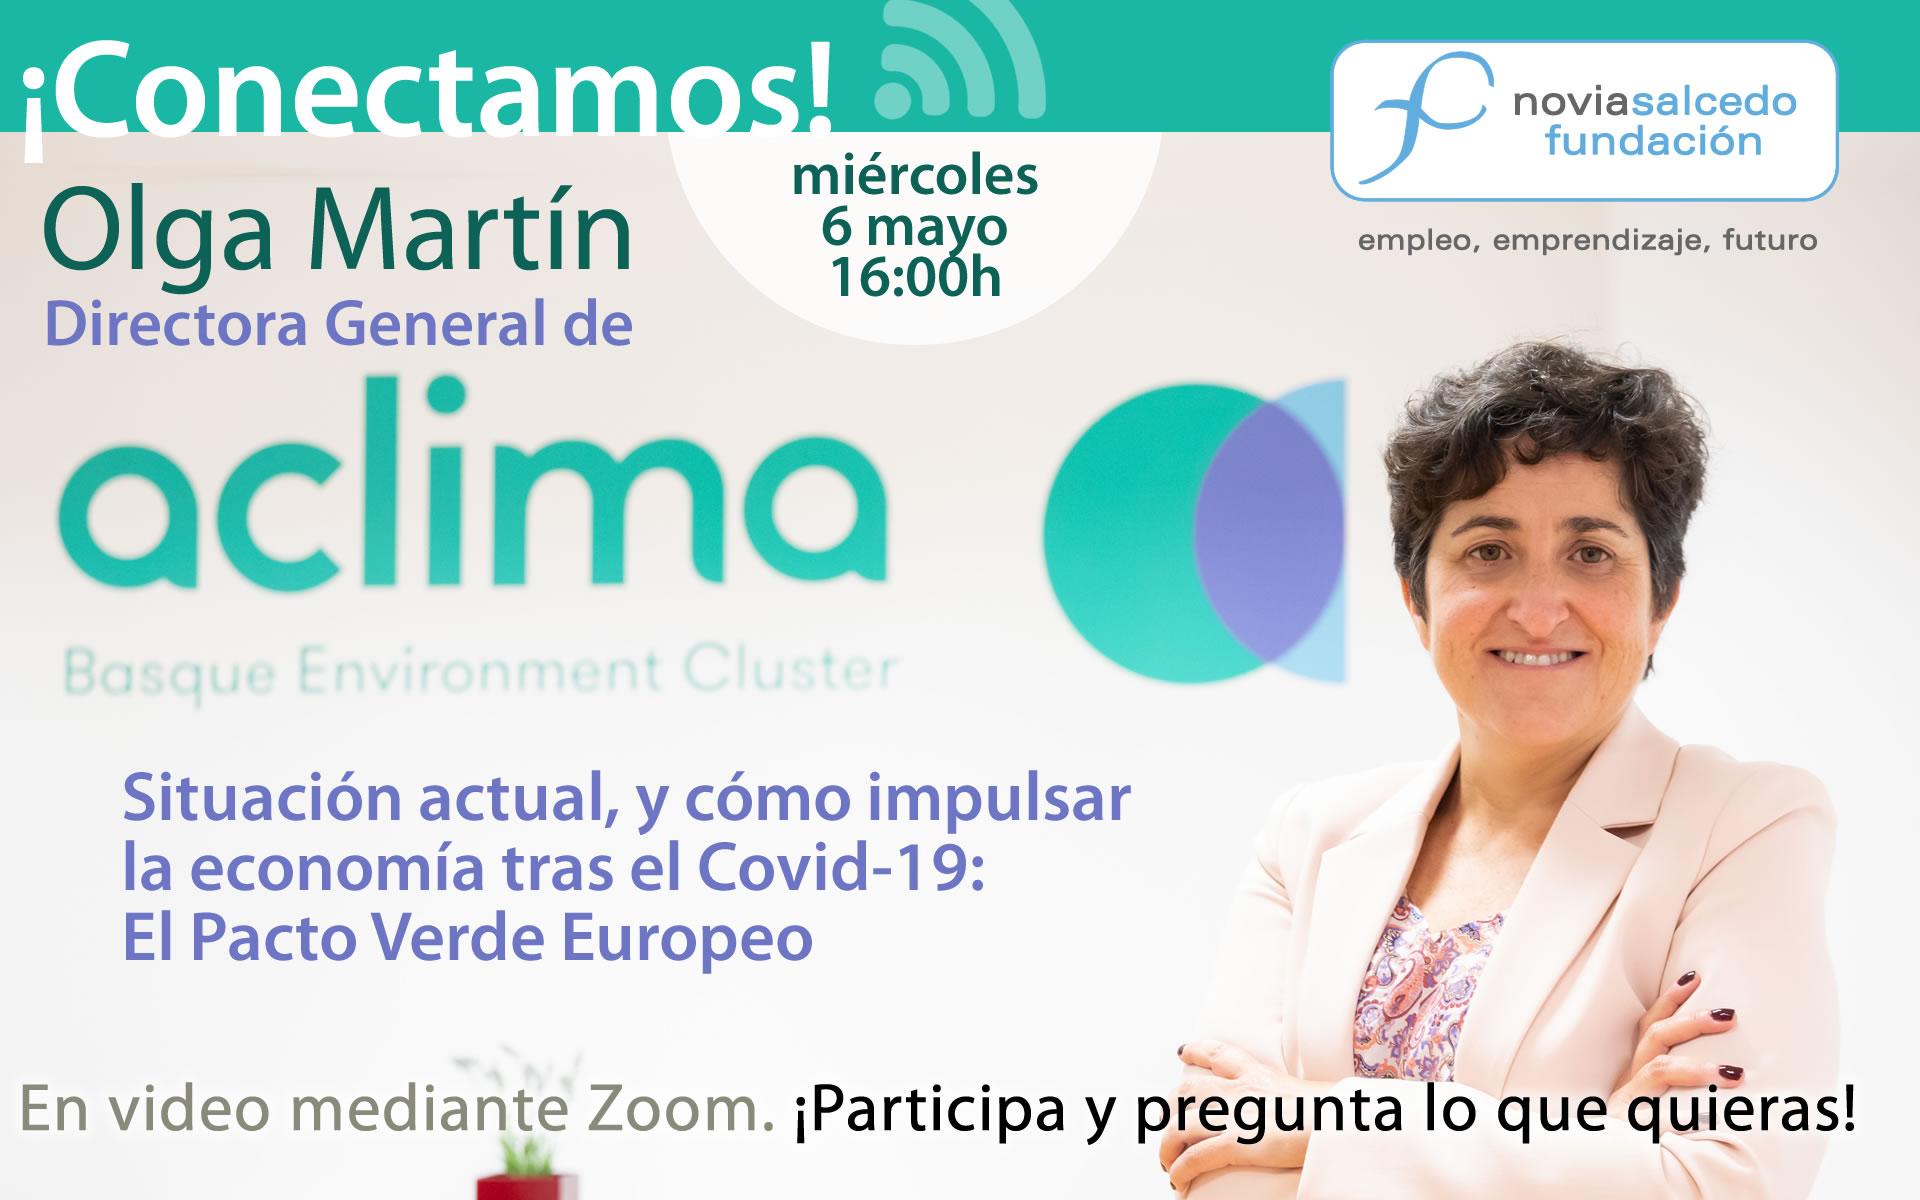 Conectamos con Olga Martín, Directora general de Aclima